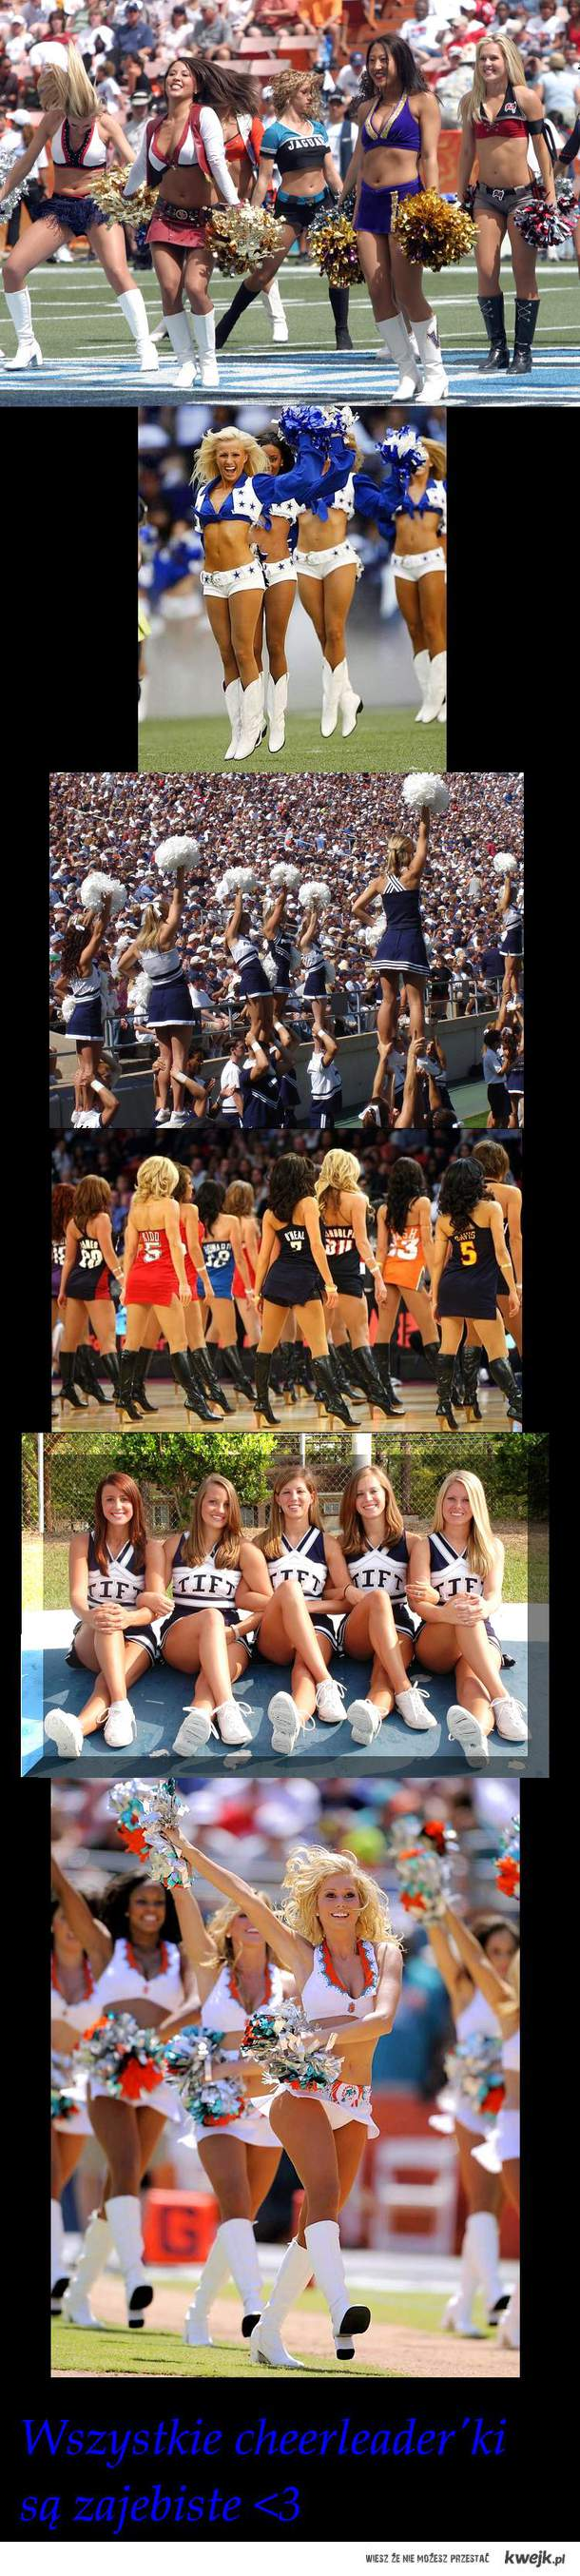 Cheerleaders <3